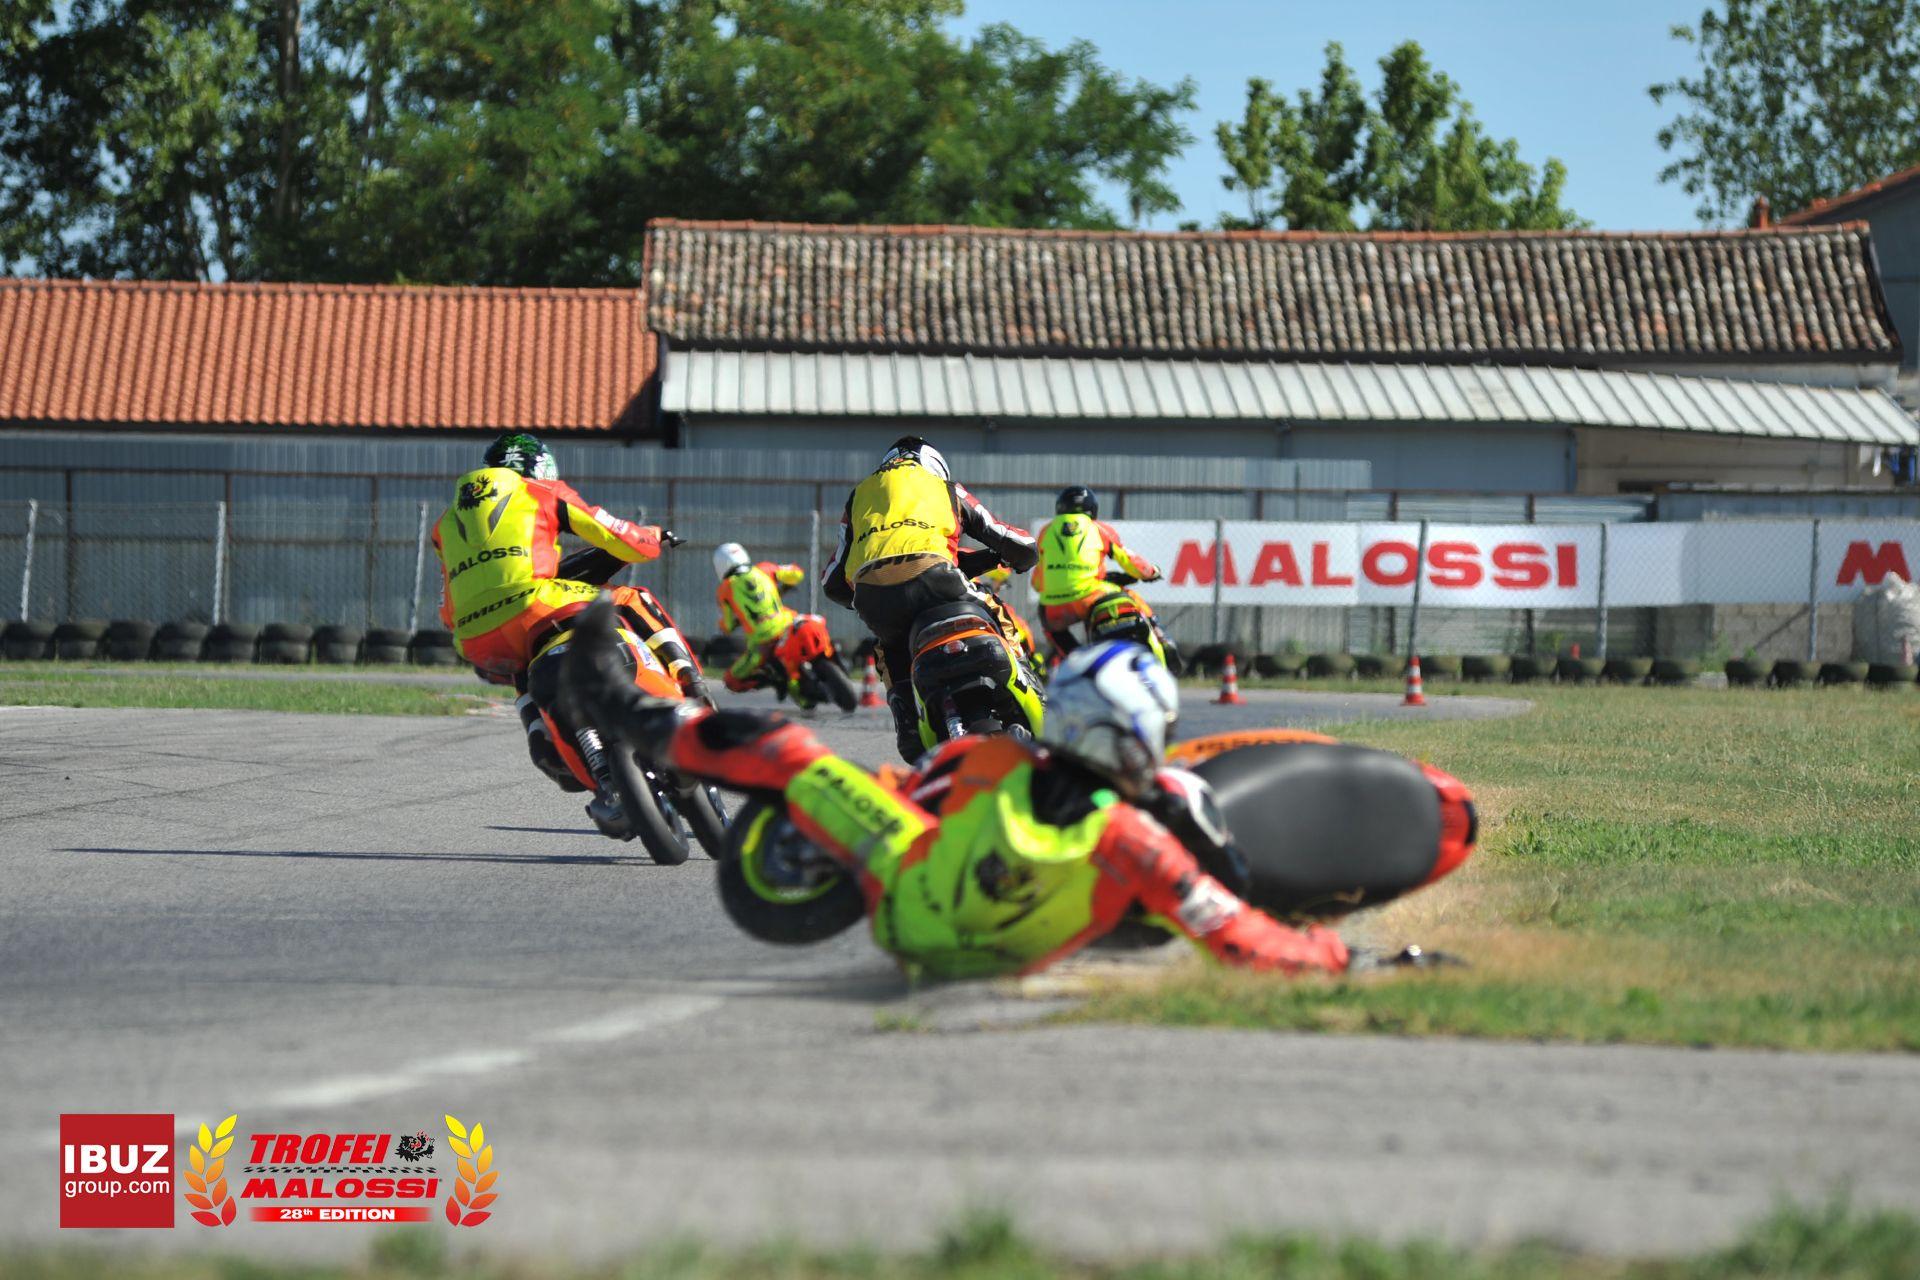 Circuito Vallelunga : Pratica e prova di pneumatici sul circuito di vallelunga in